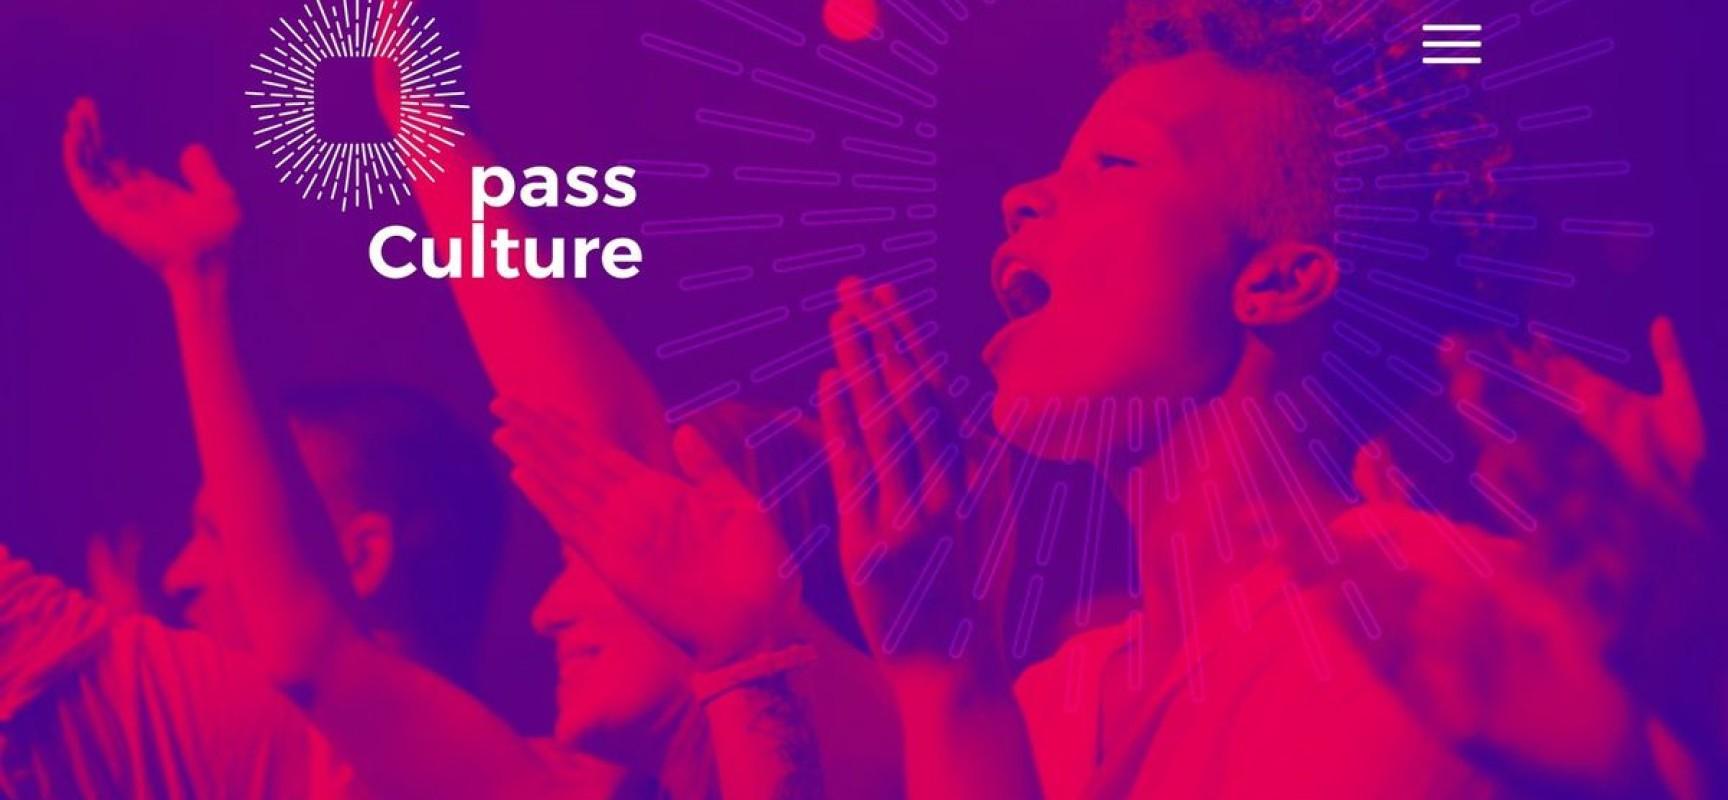 Le pass Culture pour les jeunes de 18 ans